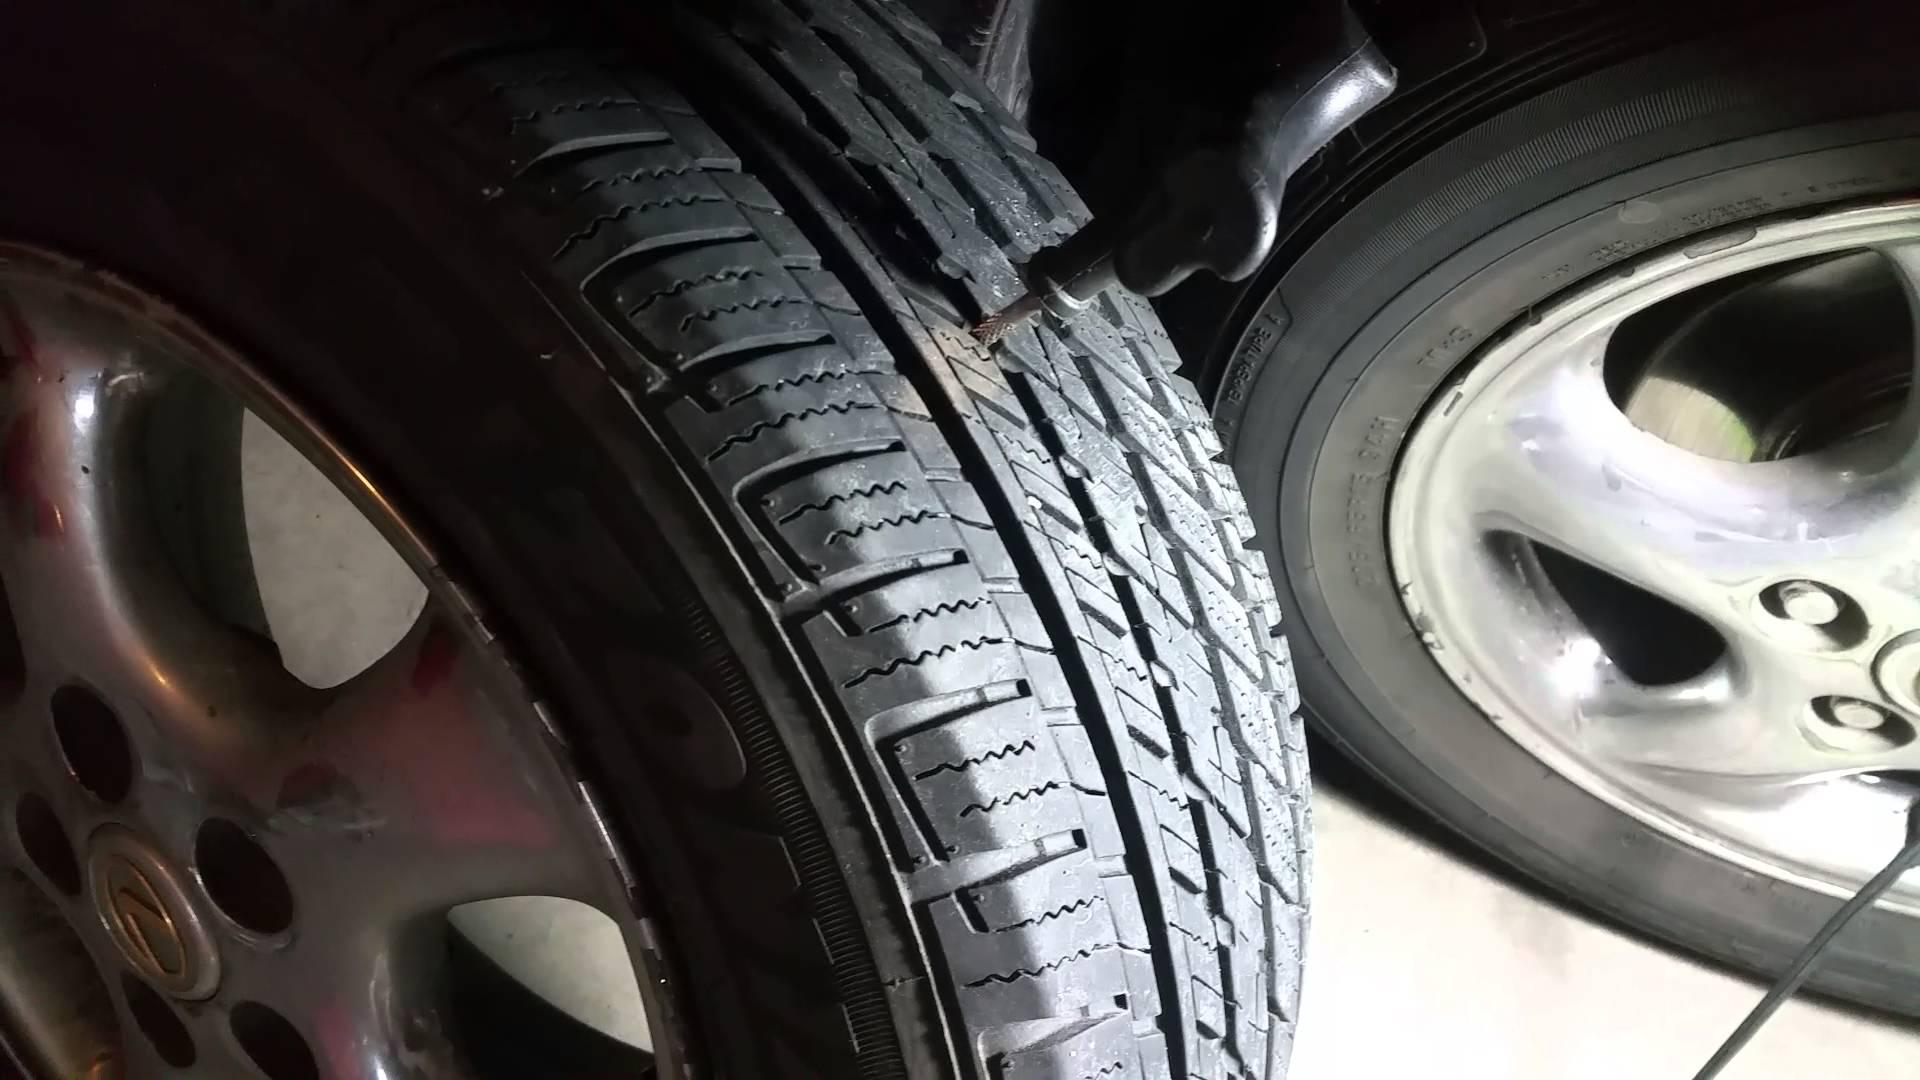 Flat Tire repair using tire plug kit